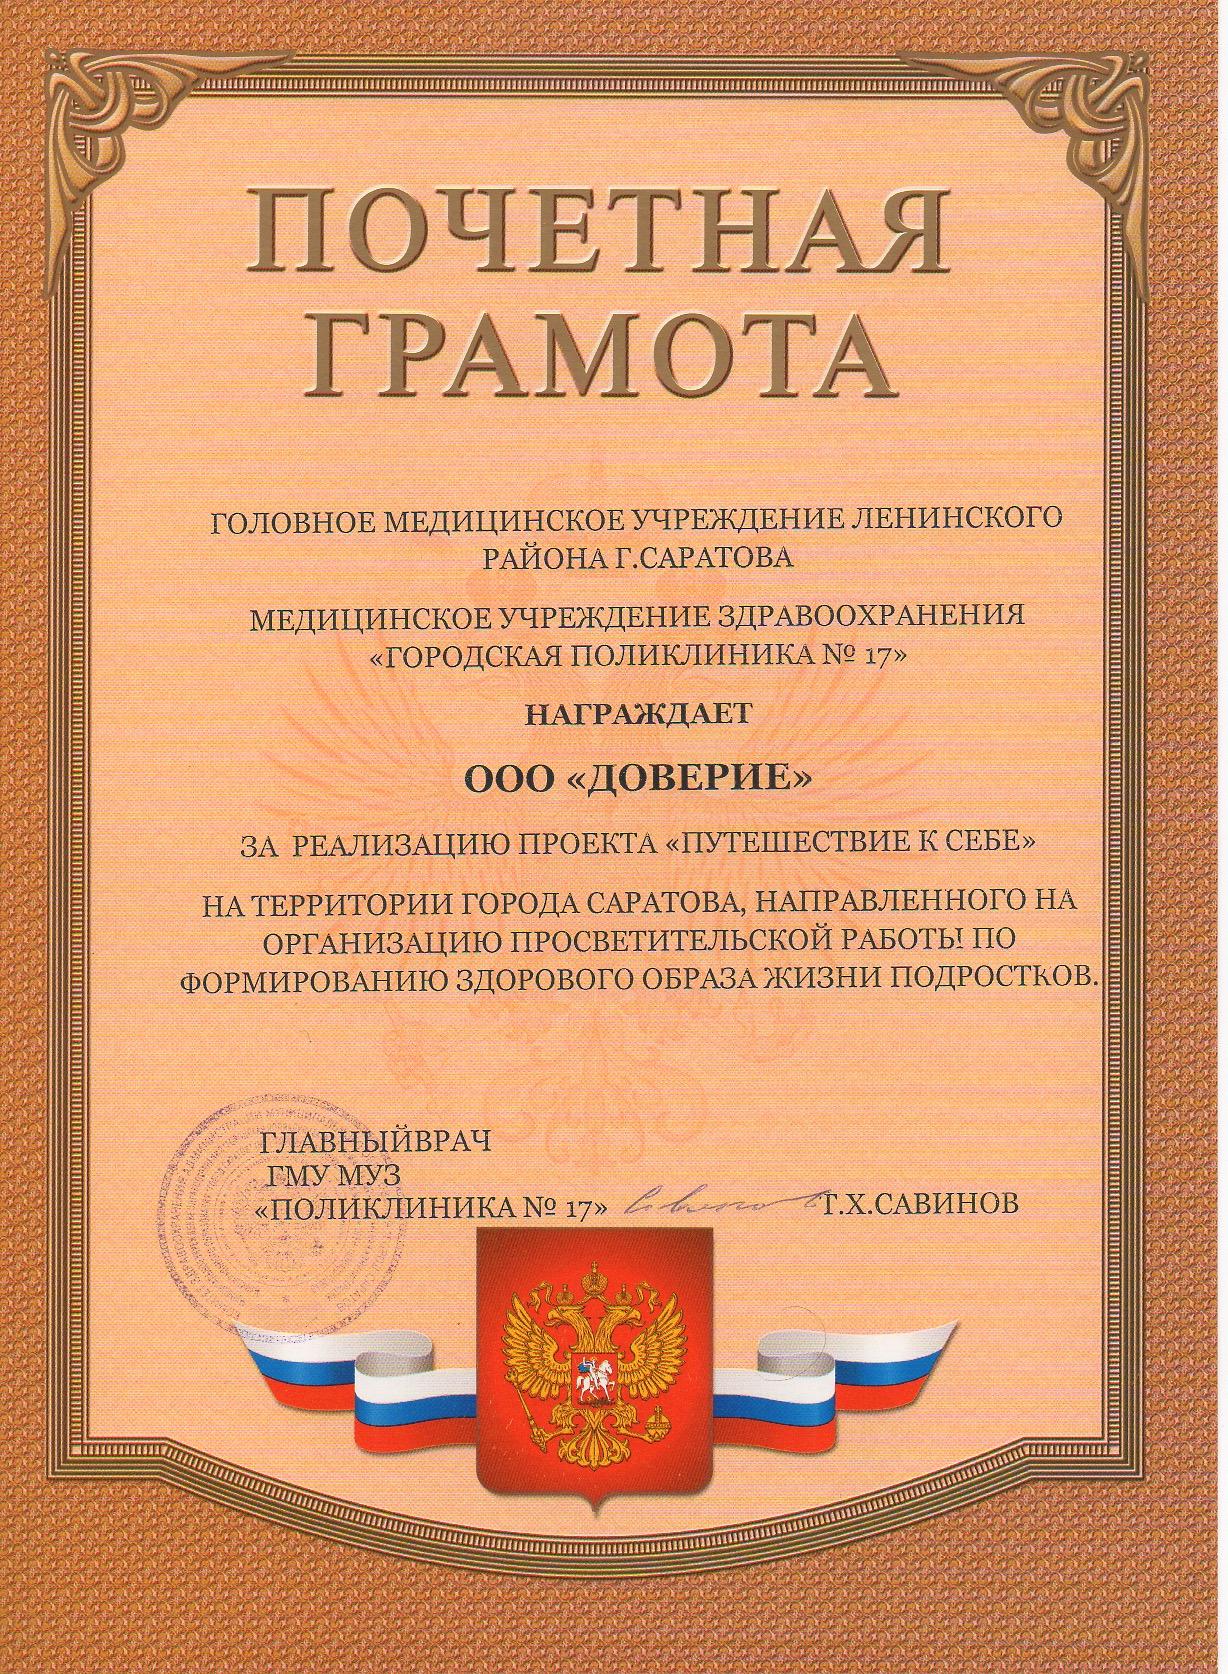 Саратов 2013 год